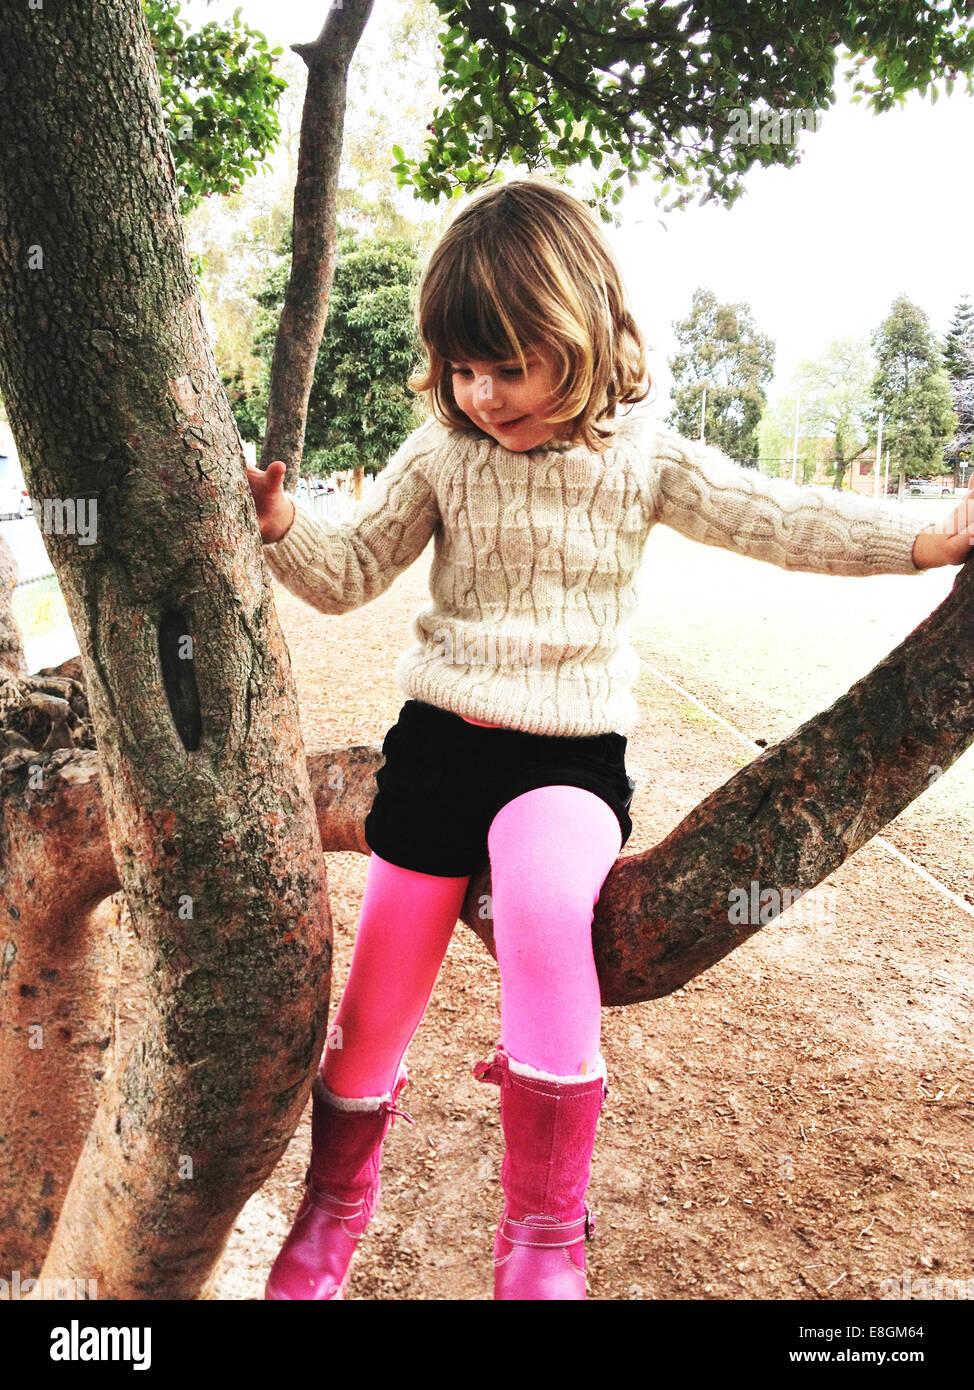 La ragazza (4-5) indossare stivali rosa rampicante Immagini Stock